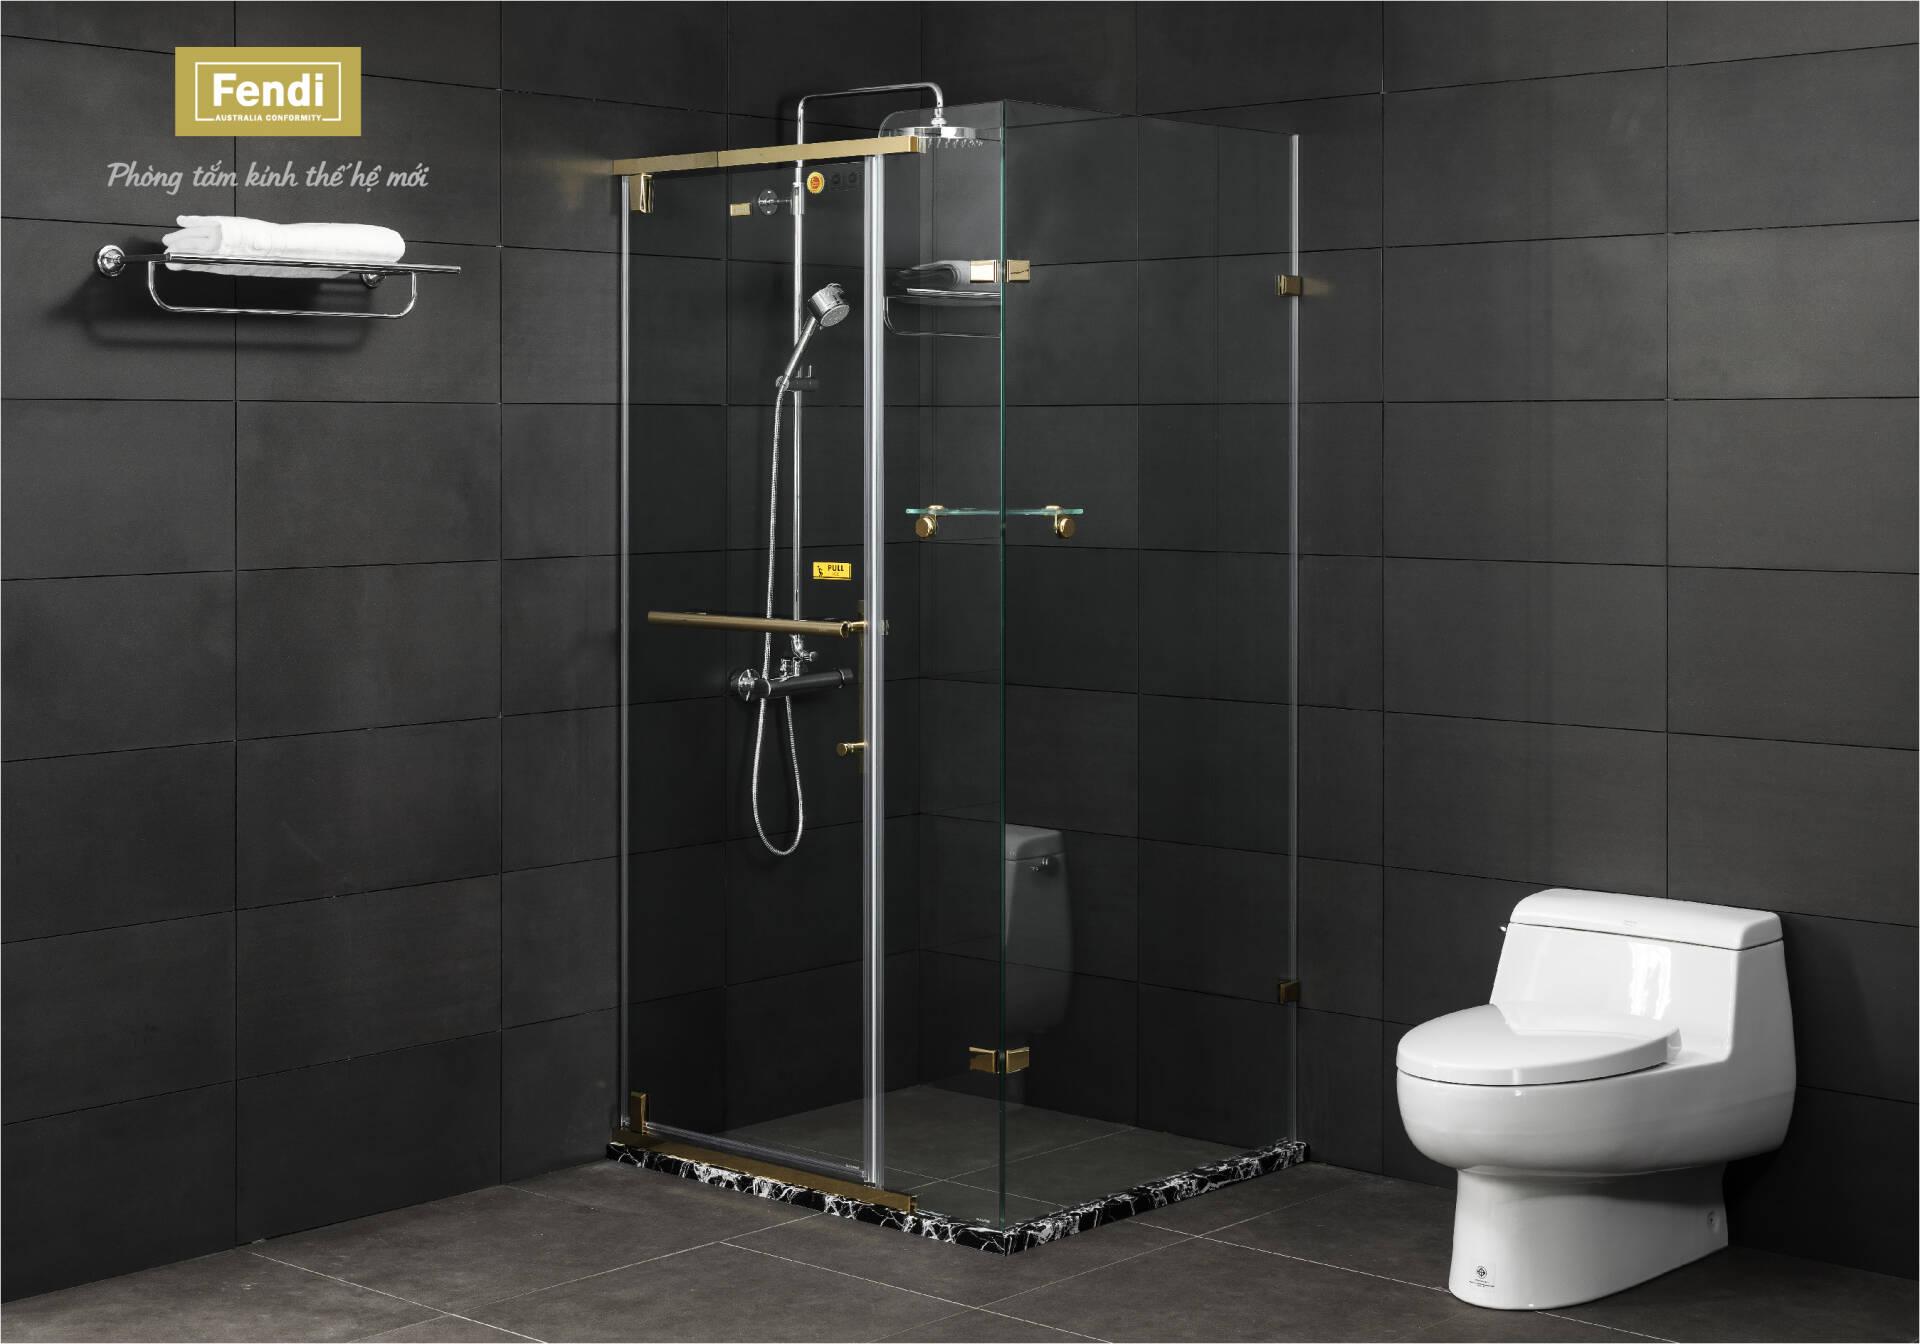 Thương hiệu phòng tắm kính Fendi cung cấp đa dạng các độ dày kính là 6mm, 8mm, 10mm, phù hợp với nhiều không gian nhà ở Việt